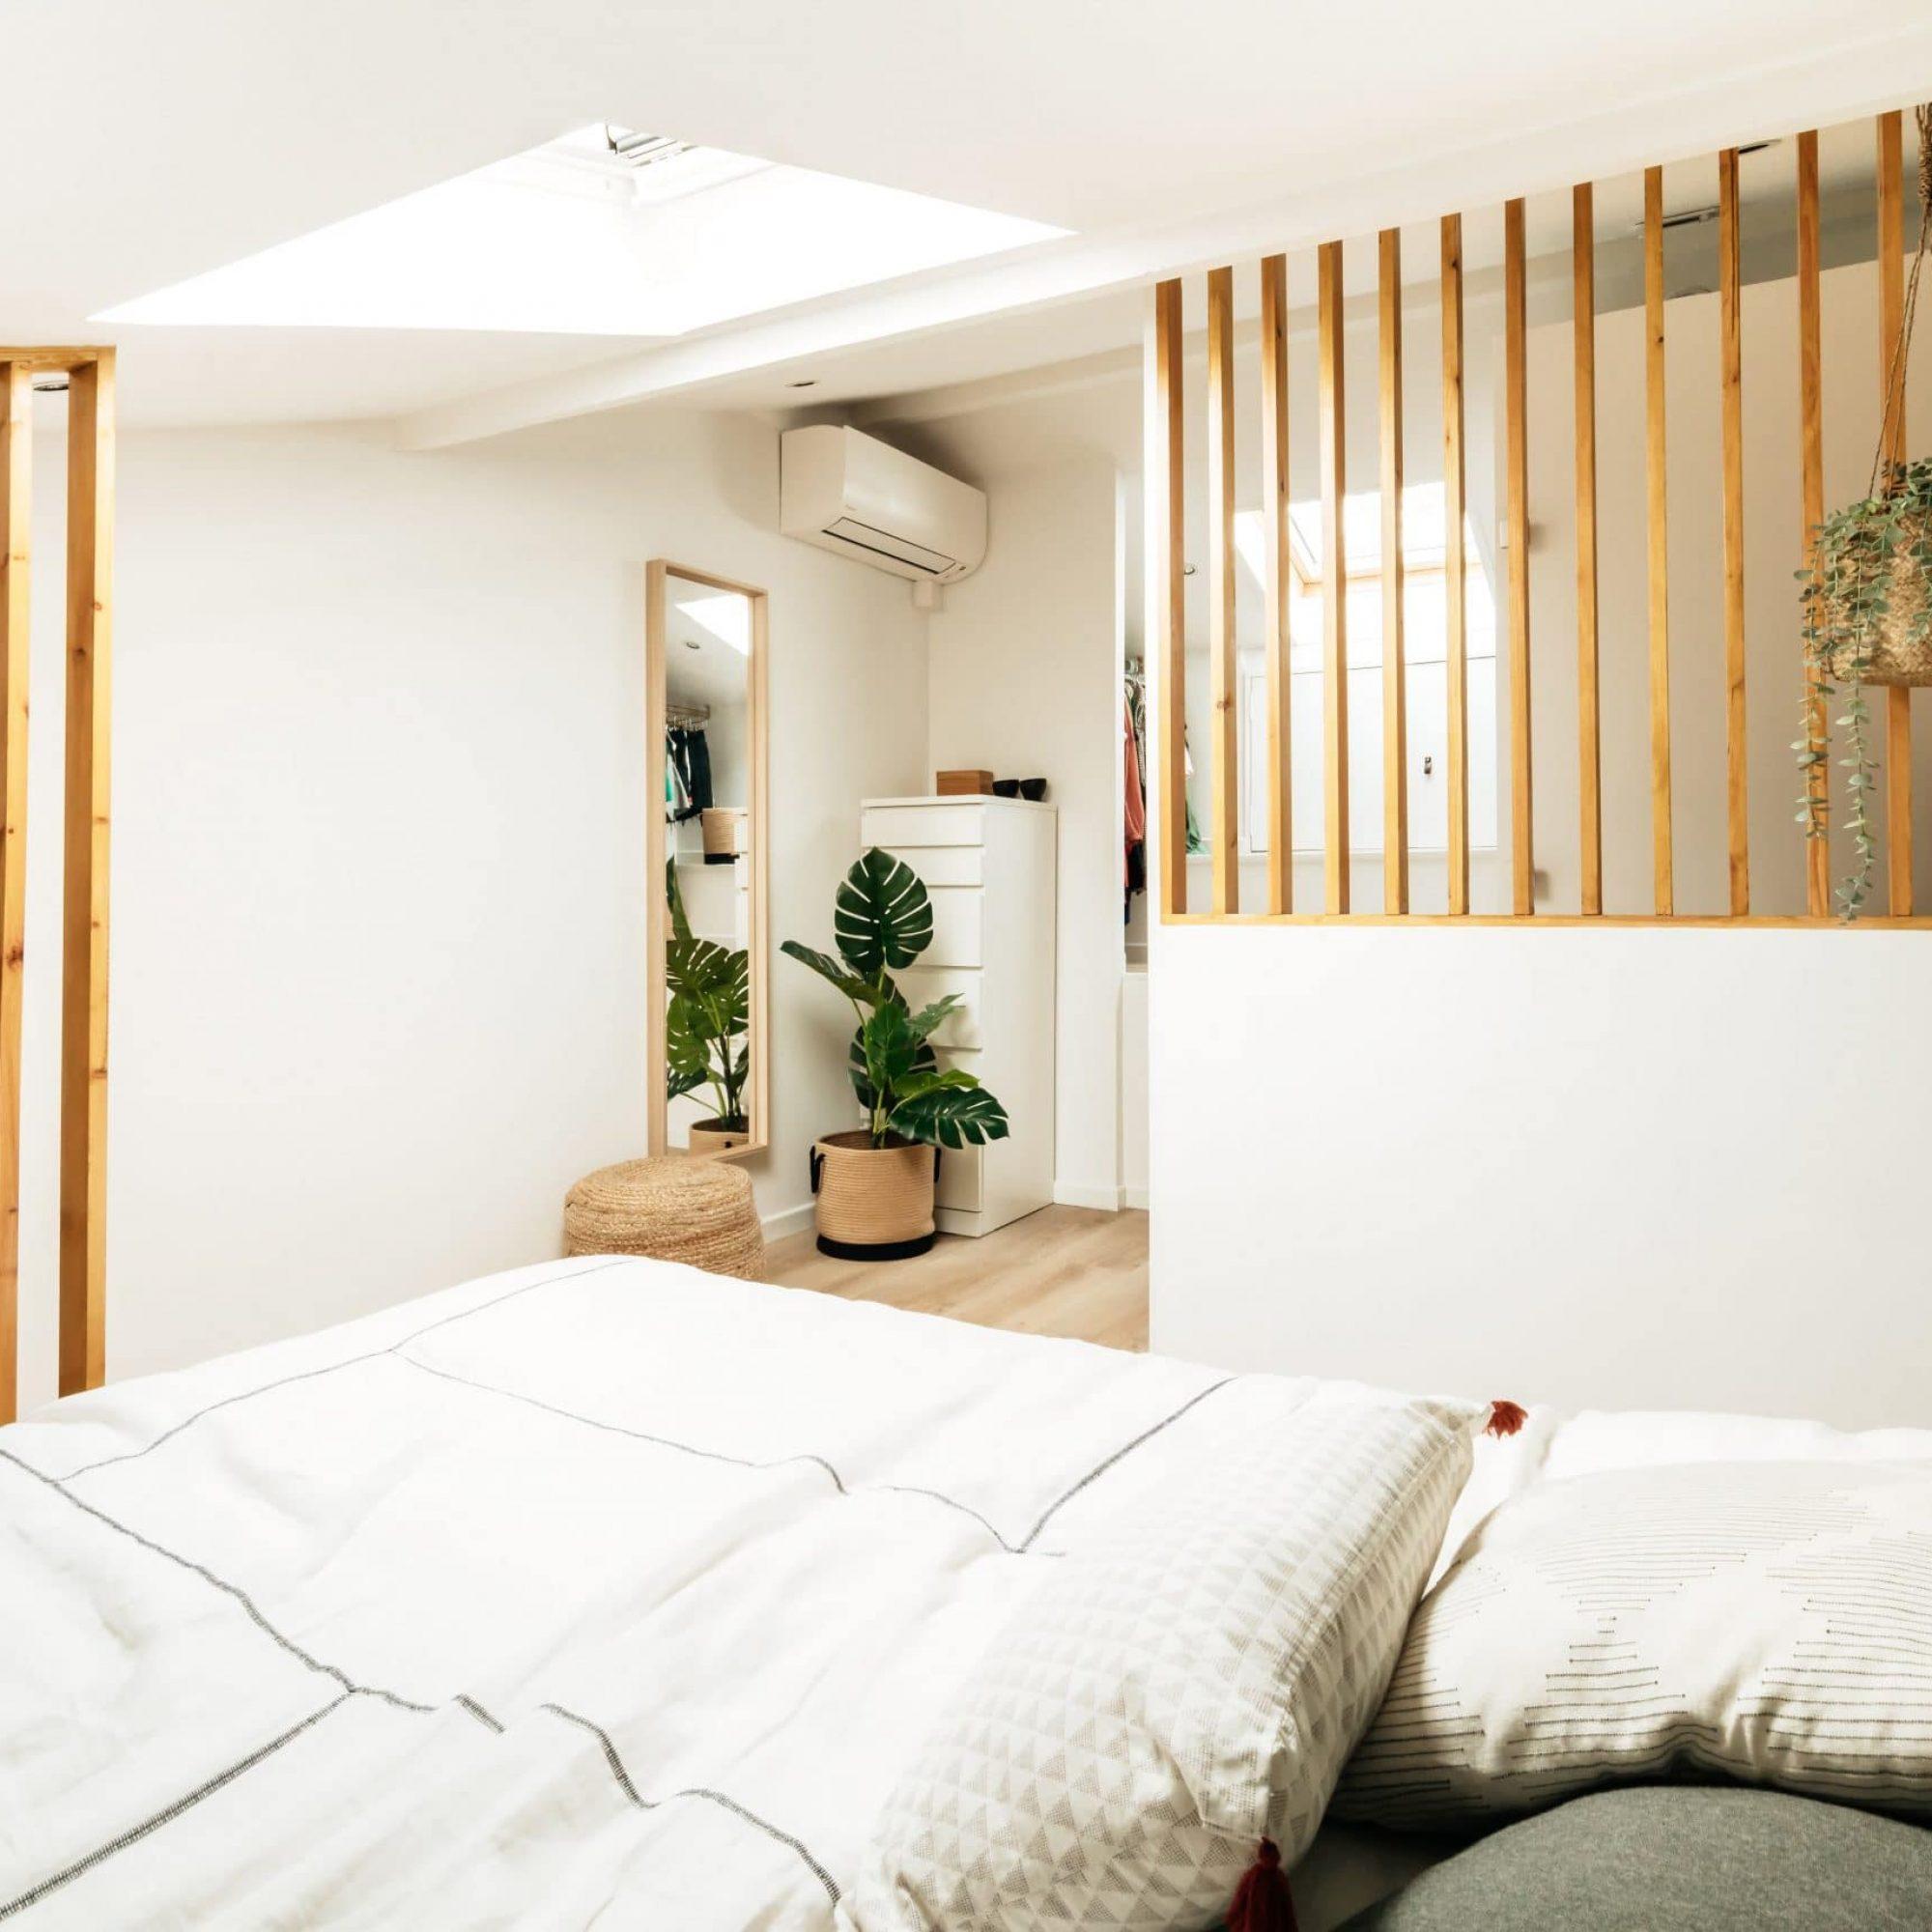 sousletoit-renovation-jeremydugas-architecte-interieur-decoration-travaux-aménagement-montpellier-herault-papier-peint-jungle-wood-chambre